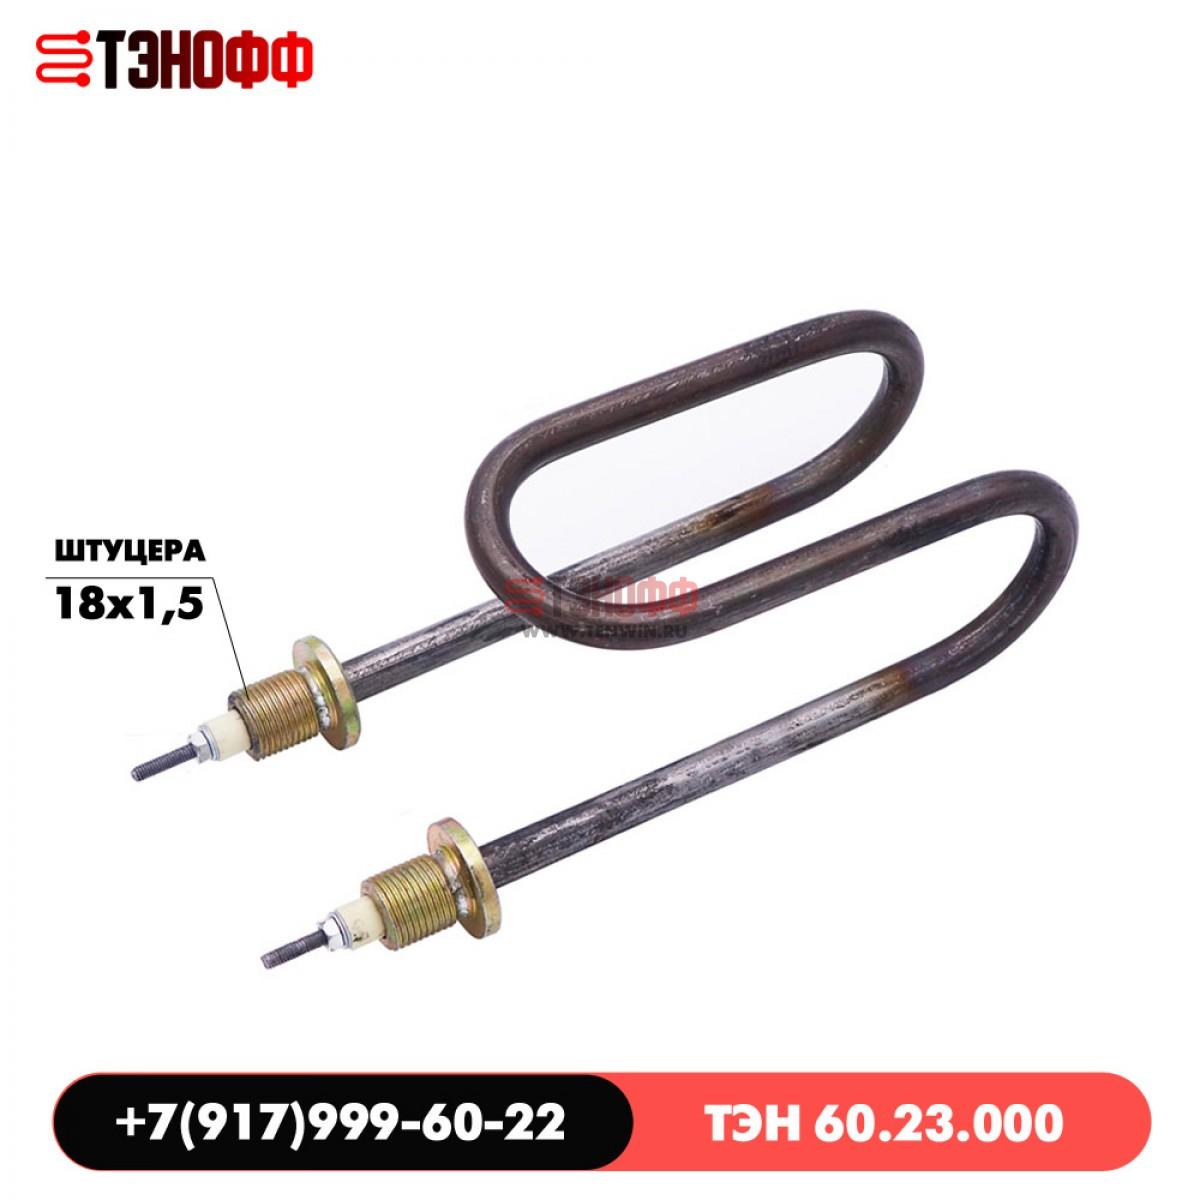 ТЭН 60.23.000 (1,5кВт, 220В) - медный для мед. дистиллятора ДЭ-4